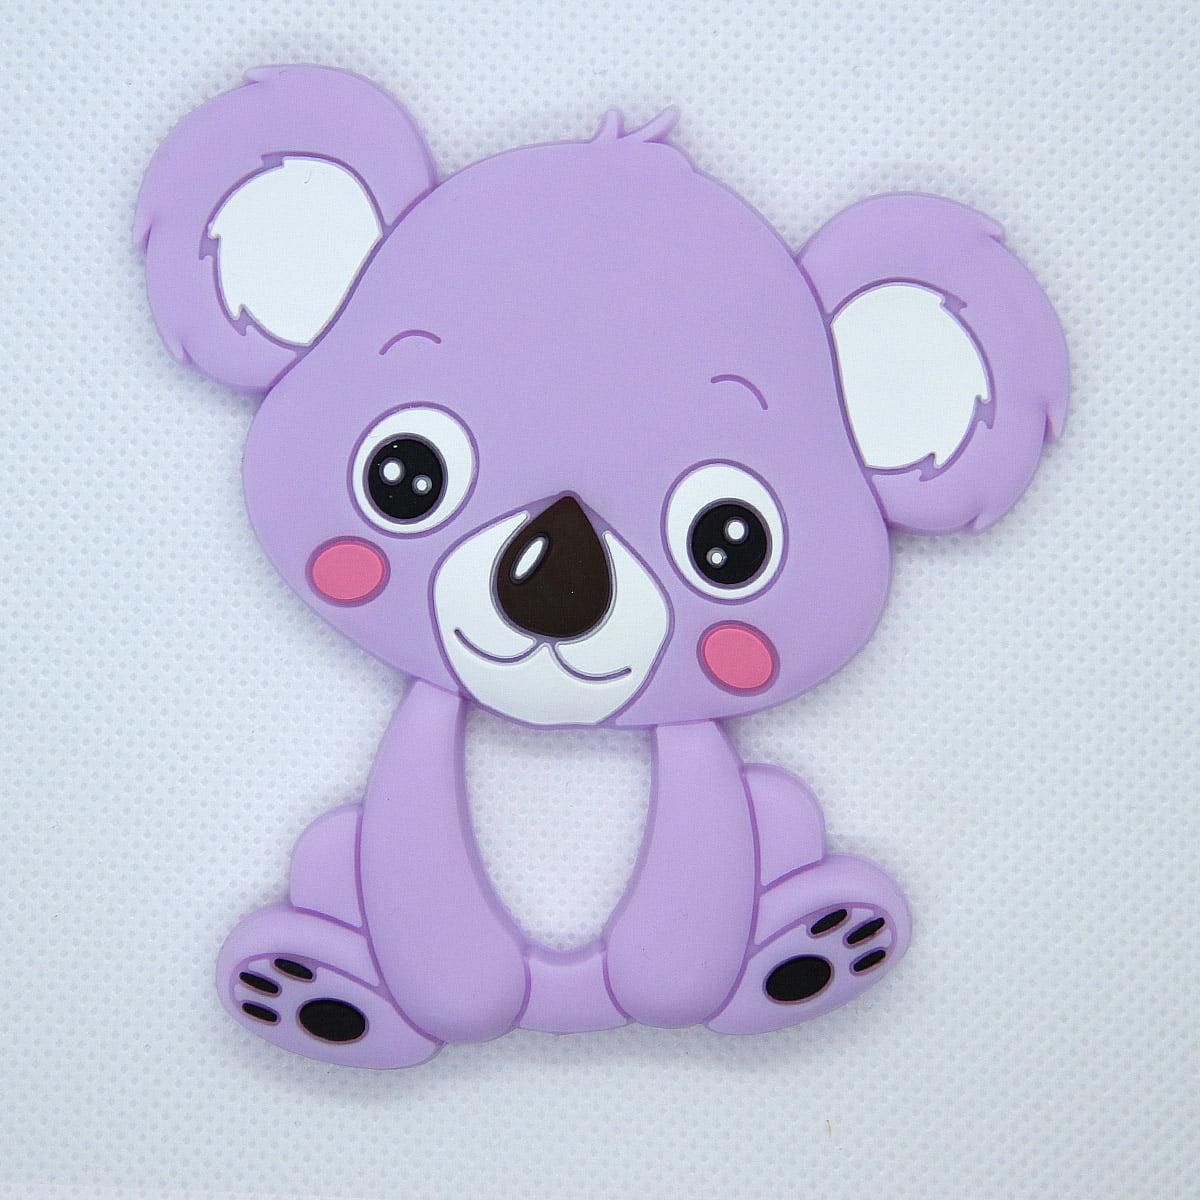 Mordedor de silicona Koala color morado